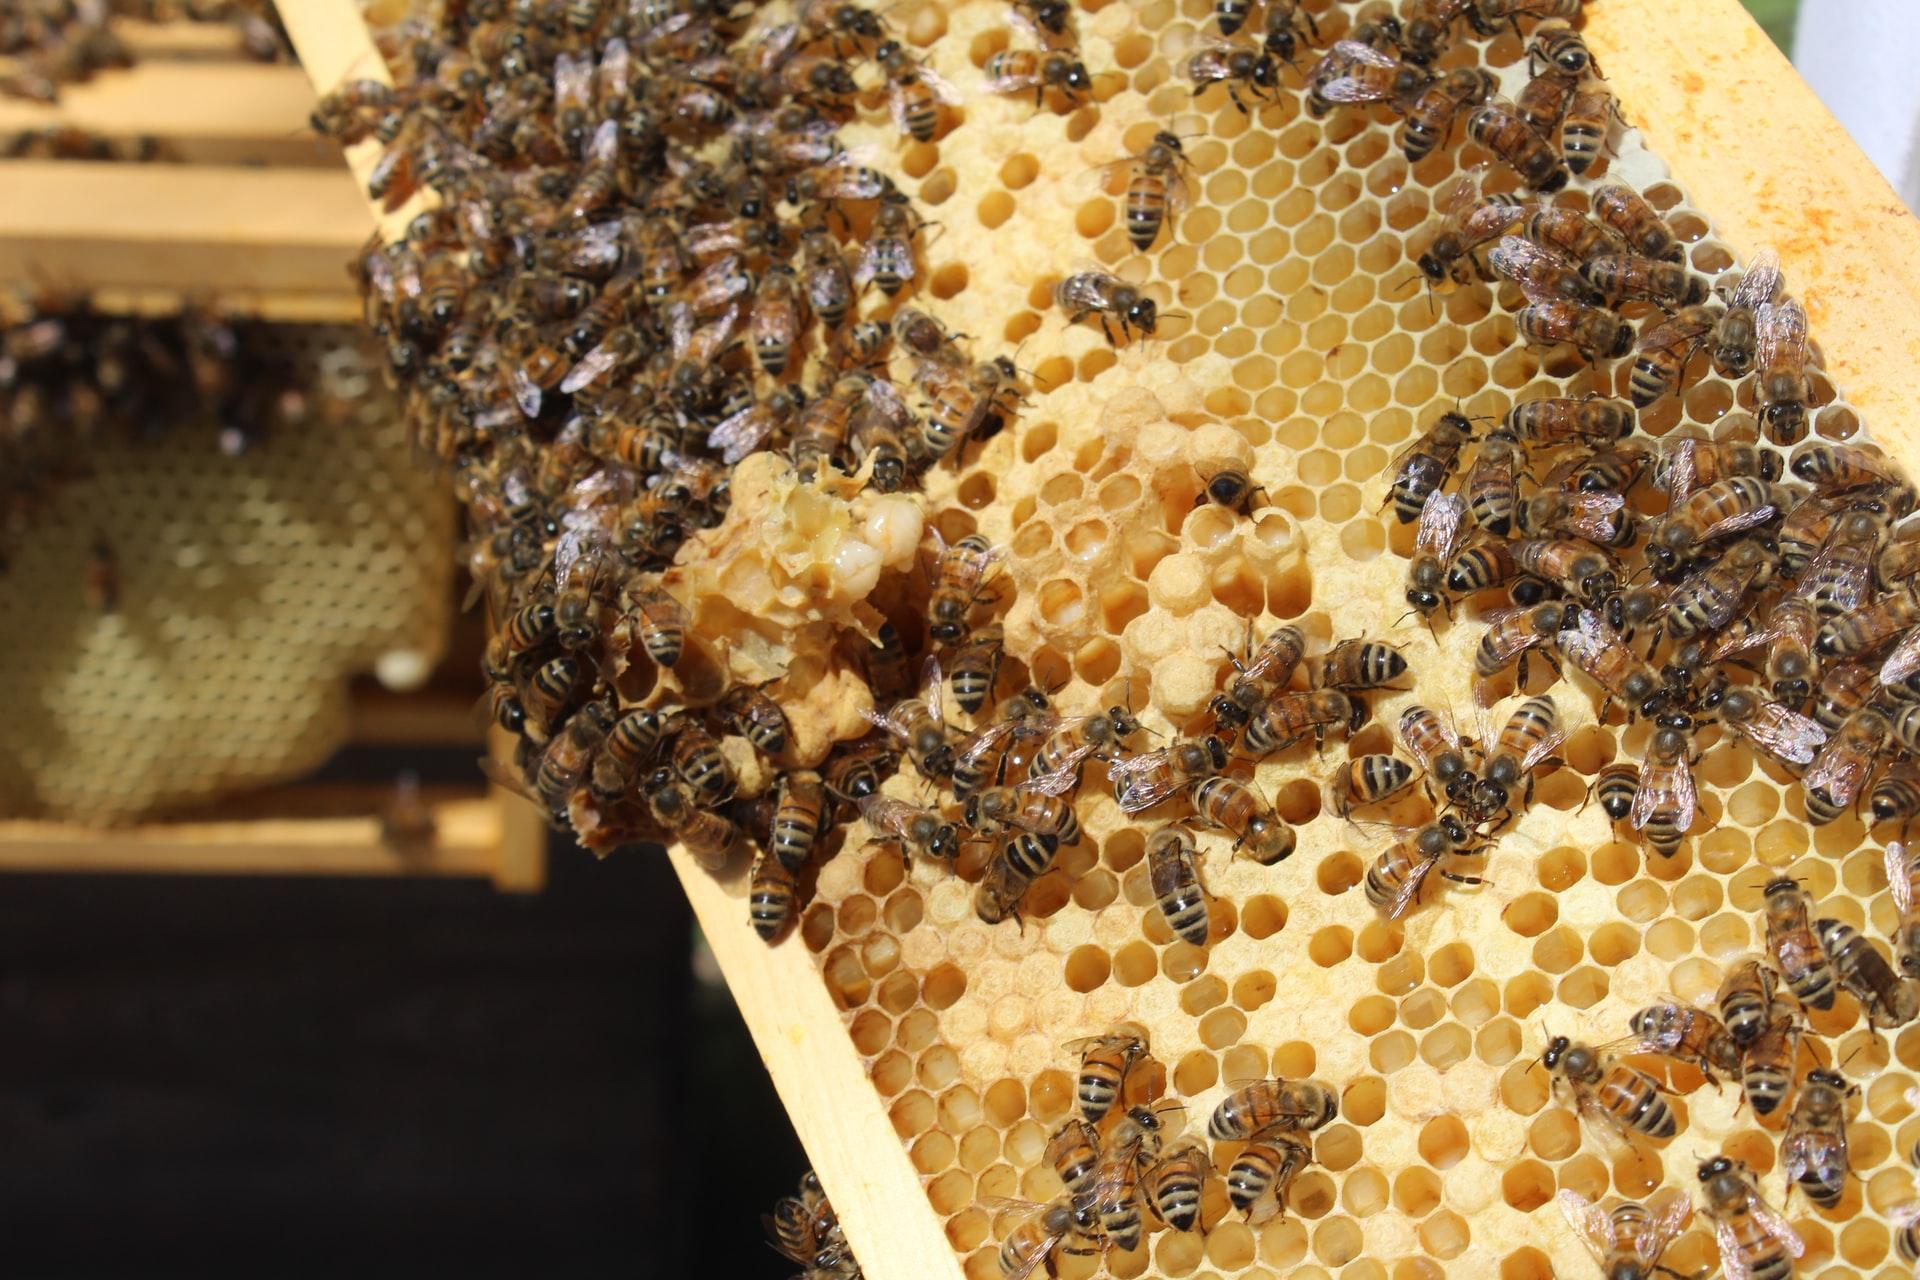 Méhpempő adaptogén, terheség, babavárás - Bodó méhészet